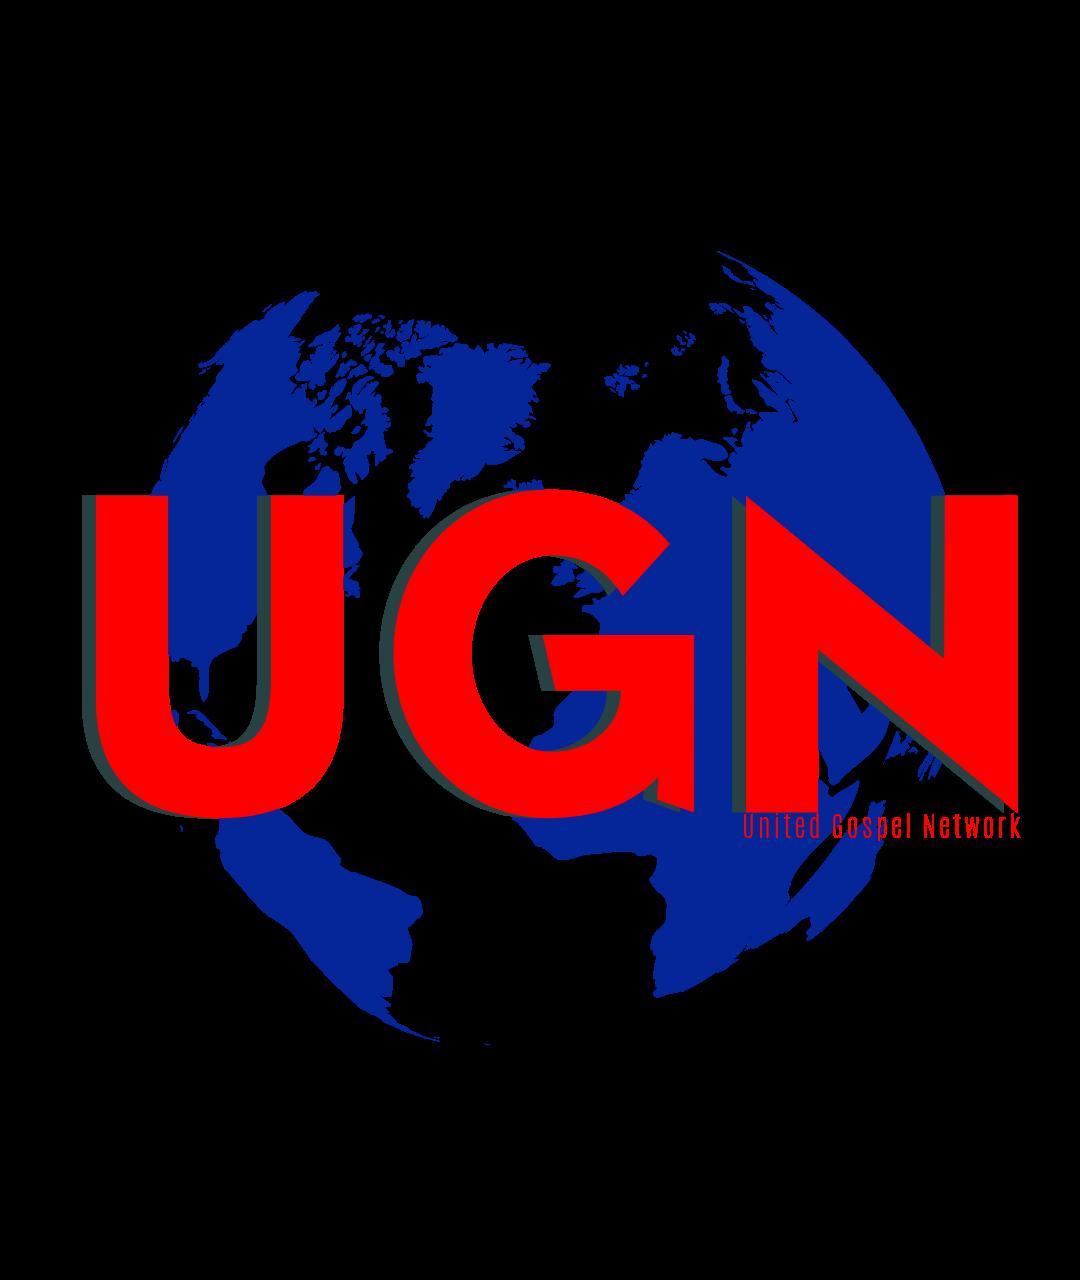 United Gospel Network